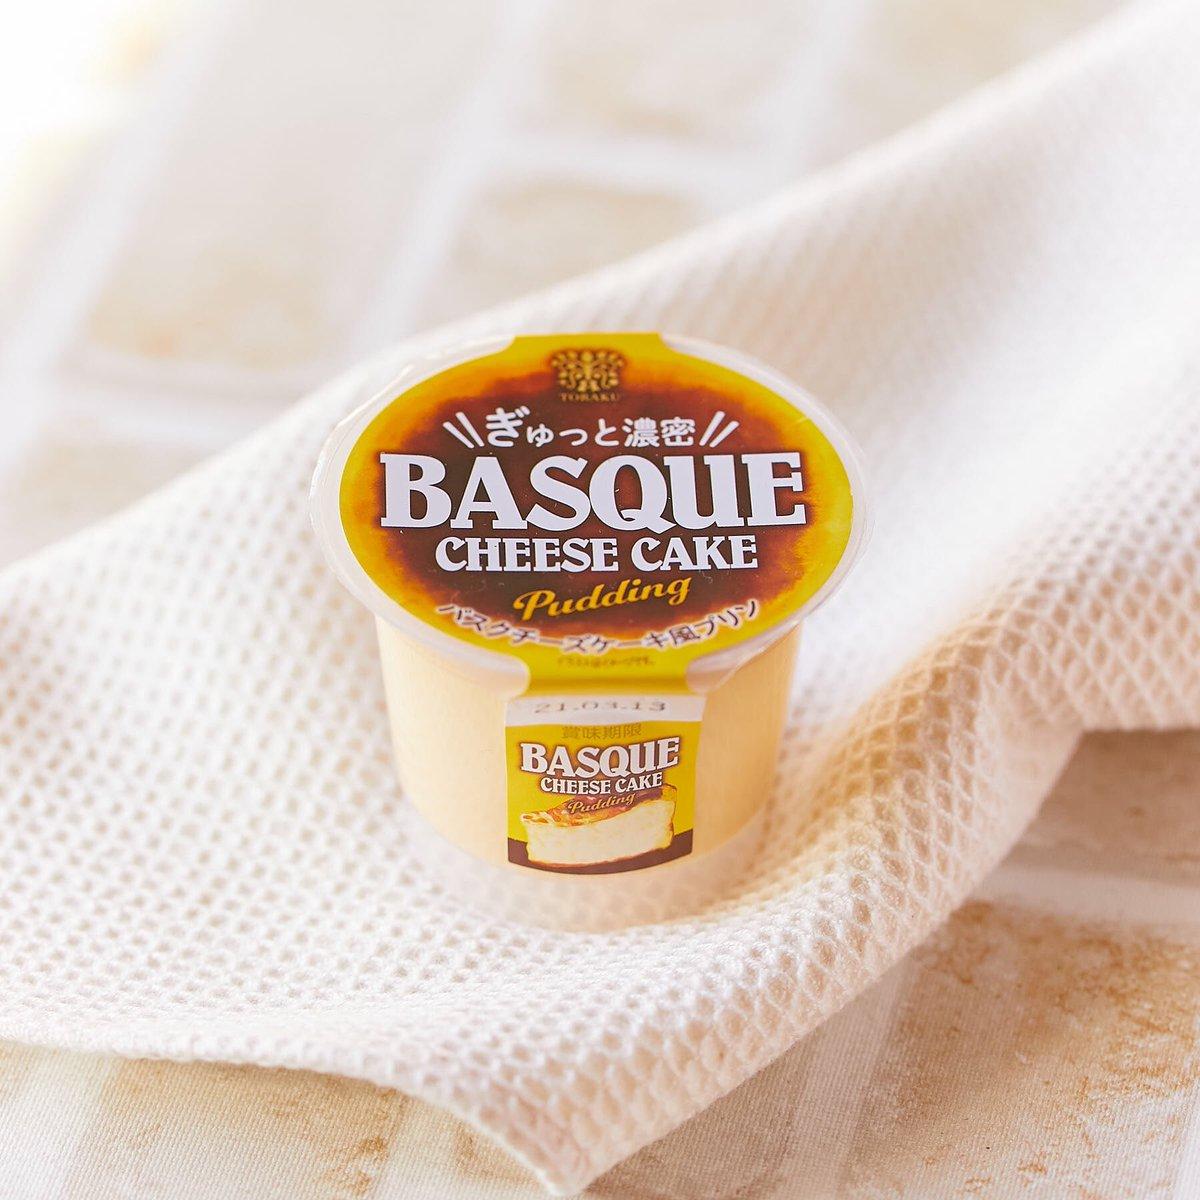 test ツイッターメディア - トーラク(ローソンでGET) バスクチーズケーキ風プリン 183円 221kcal  プリンで有名な神戸の菓子メーカー「トーラク」が出したバスクチーズケーキ風プリンの第2弾!チーズ感を増したそうな。あと塩味も足しているのでそういう意味ではチーズケーキに近いかな?と。カラメルは焦がしを表現。ほう…😗 https://t.co/O4OFmVPLl2